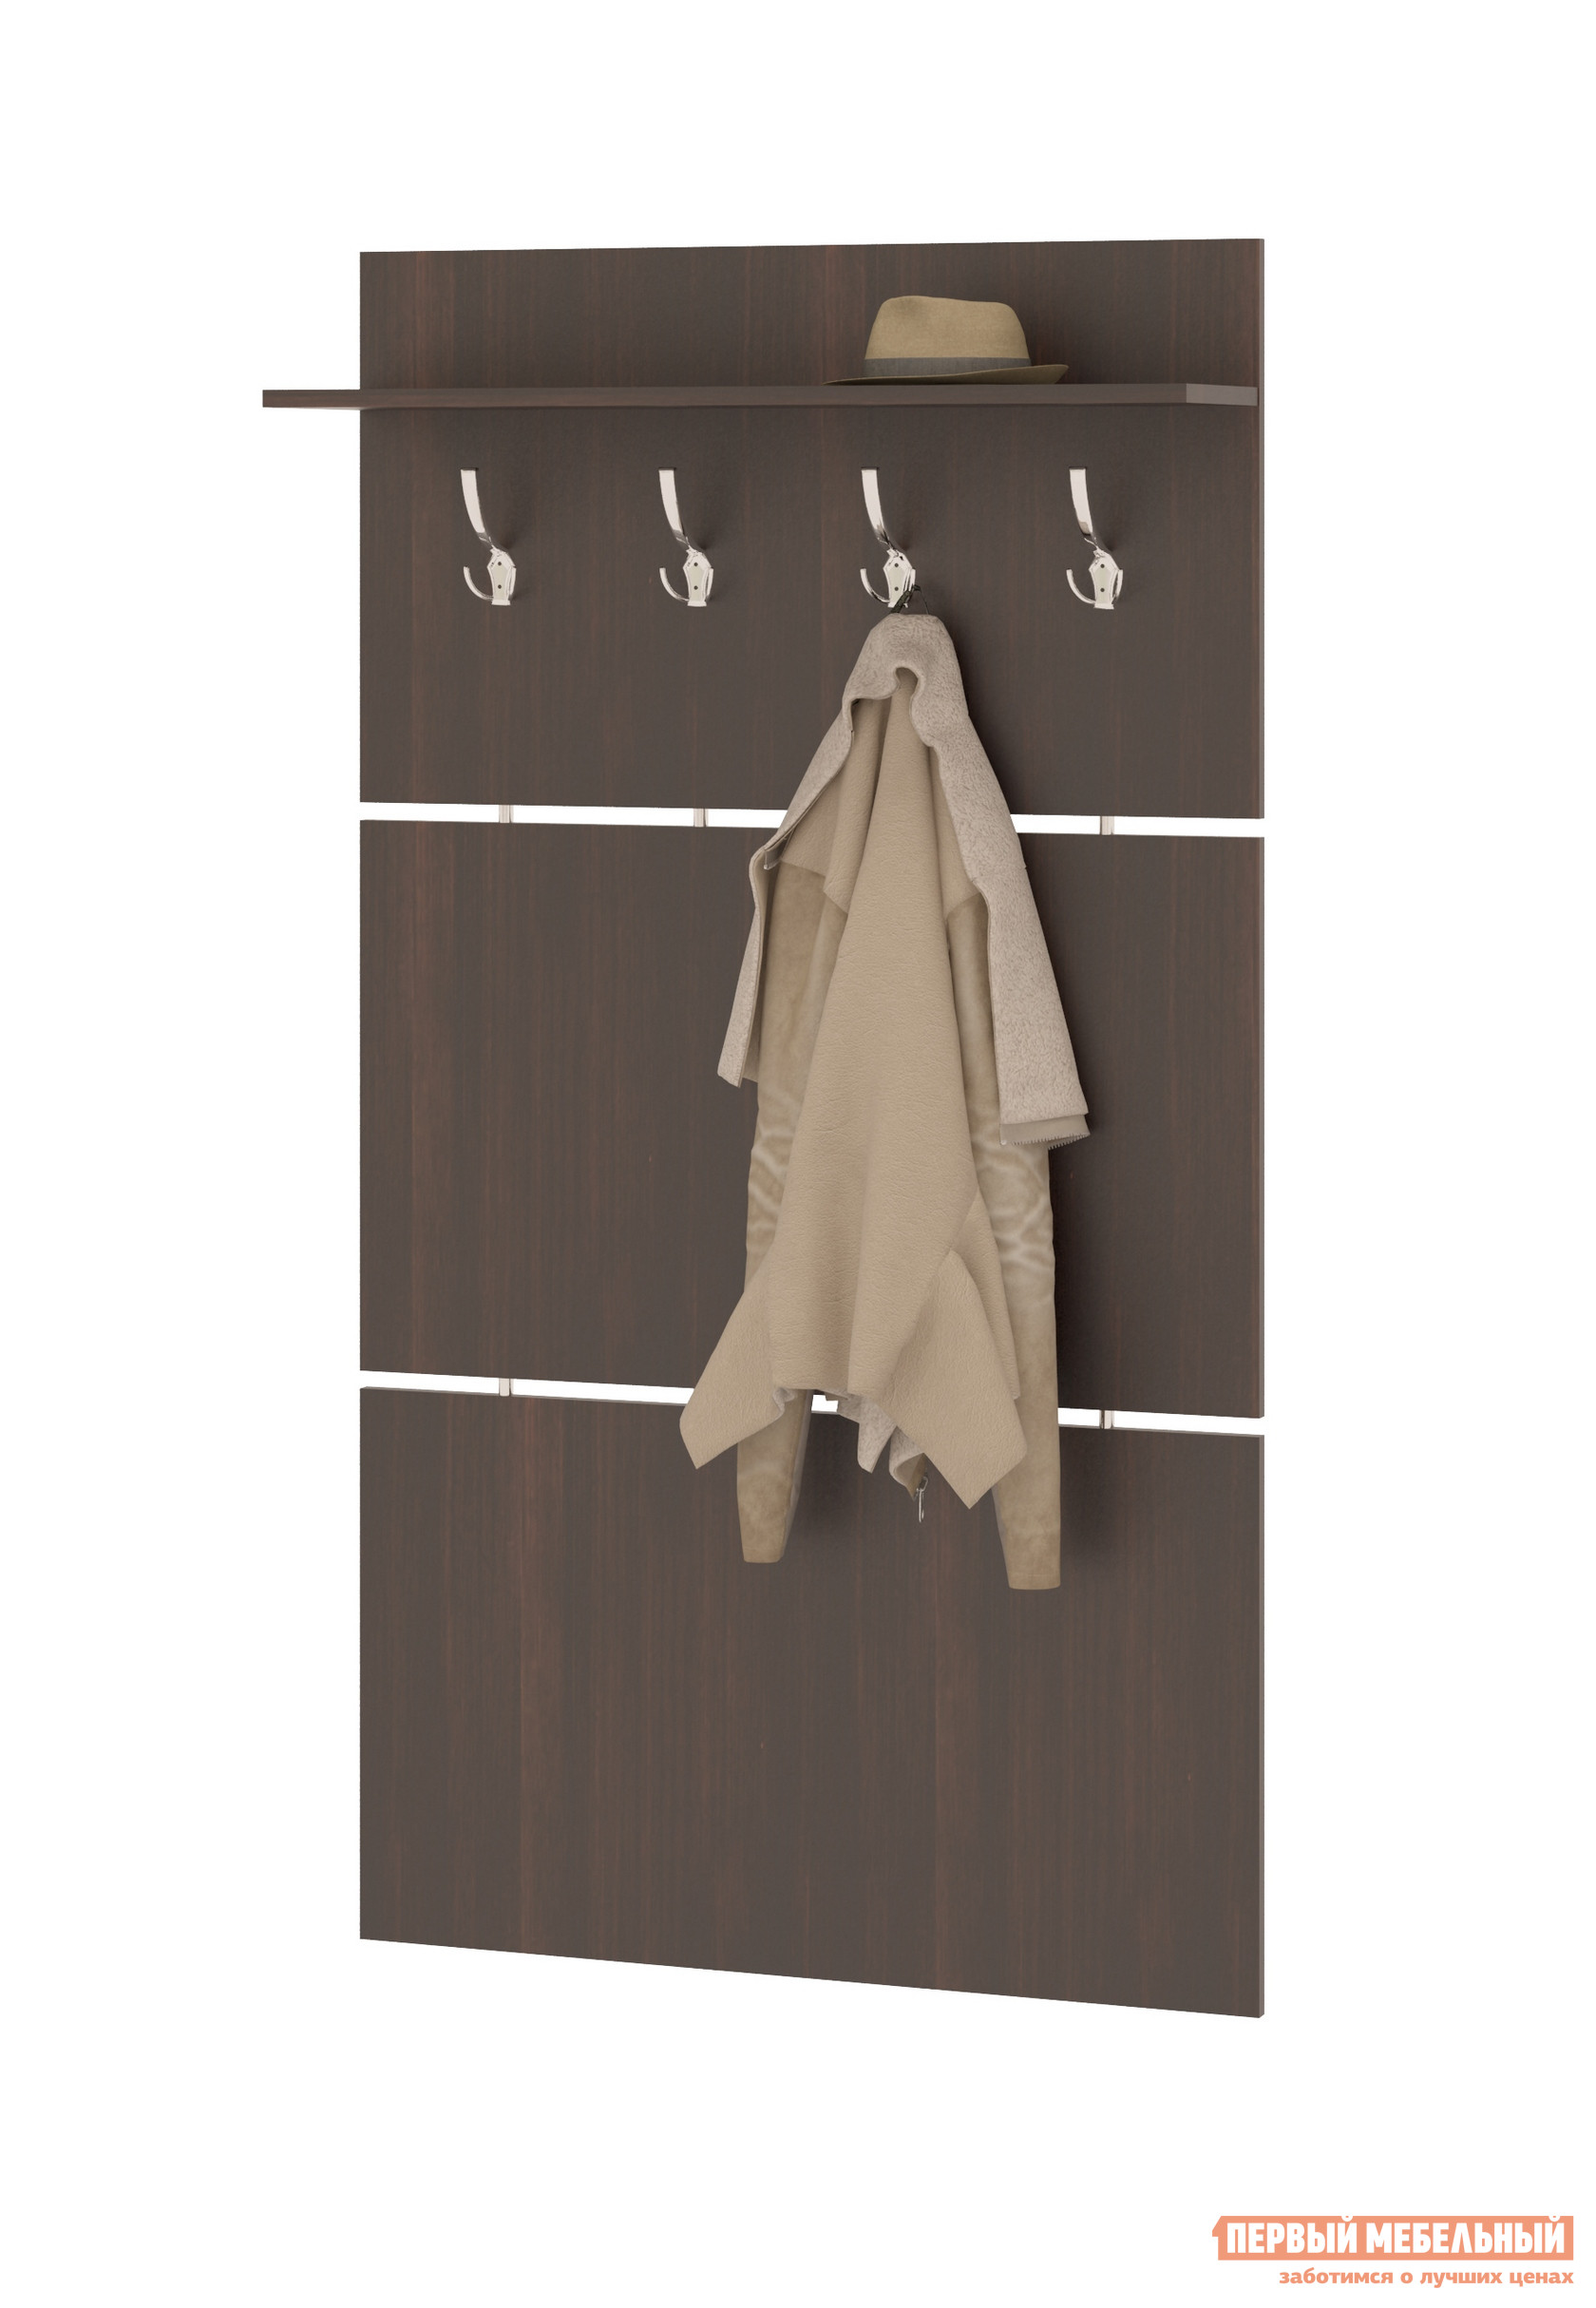 Настенная вешалка Сокол ВШ-3.1 ВенгеНастенные вешалки<br>Габаритные размеры ВхШхГ 1460x900x212 мм. Широкая навесная вешалка, выполненная в строгом стиле, позволит разместить сезонную одежду всей семьи.  Вешалка состоит из 3-х панелей соединенных металлическими  вставками.  На верхней панели располагается четыре 3-хрожковых крючка для одежды. Полка, закрепленная над крючками, предназначена специально для головных уборов и зонтов.  Максимальная нагрузка на полку составляет 5кг. Вешалка изготовлена из высококачественной ДСП 16мм, края отделаны кромкой ПВХ 0. 4мм.  Рекомендуем сохранить инструкцию по сборке (паспорт изделия) до истечения гарантийного срока.<br><br>Цвет: Венге<br>Цвет: Венге<br>Высота мм: 1460<br>Ширина мм: 900<br>Глубина мм: 212<br>Кол-во упаковок: 1<br>Форма поставки: В разобранном виде<br>Срок гарантии: 2 года<br>Материал: Деревянные<br>Особенности: С полкой